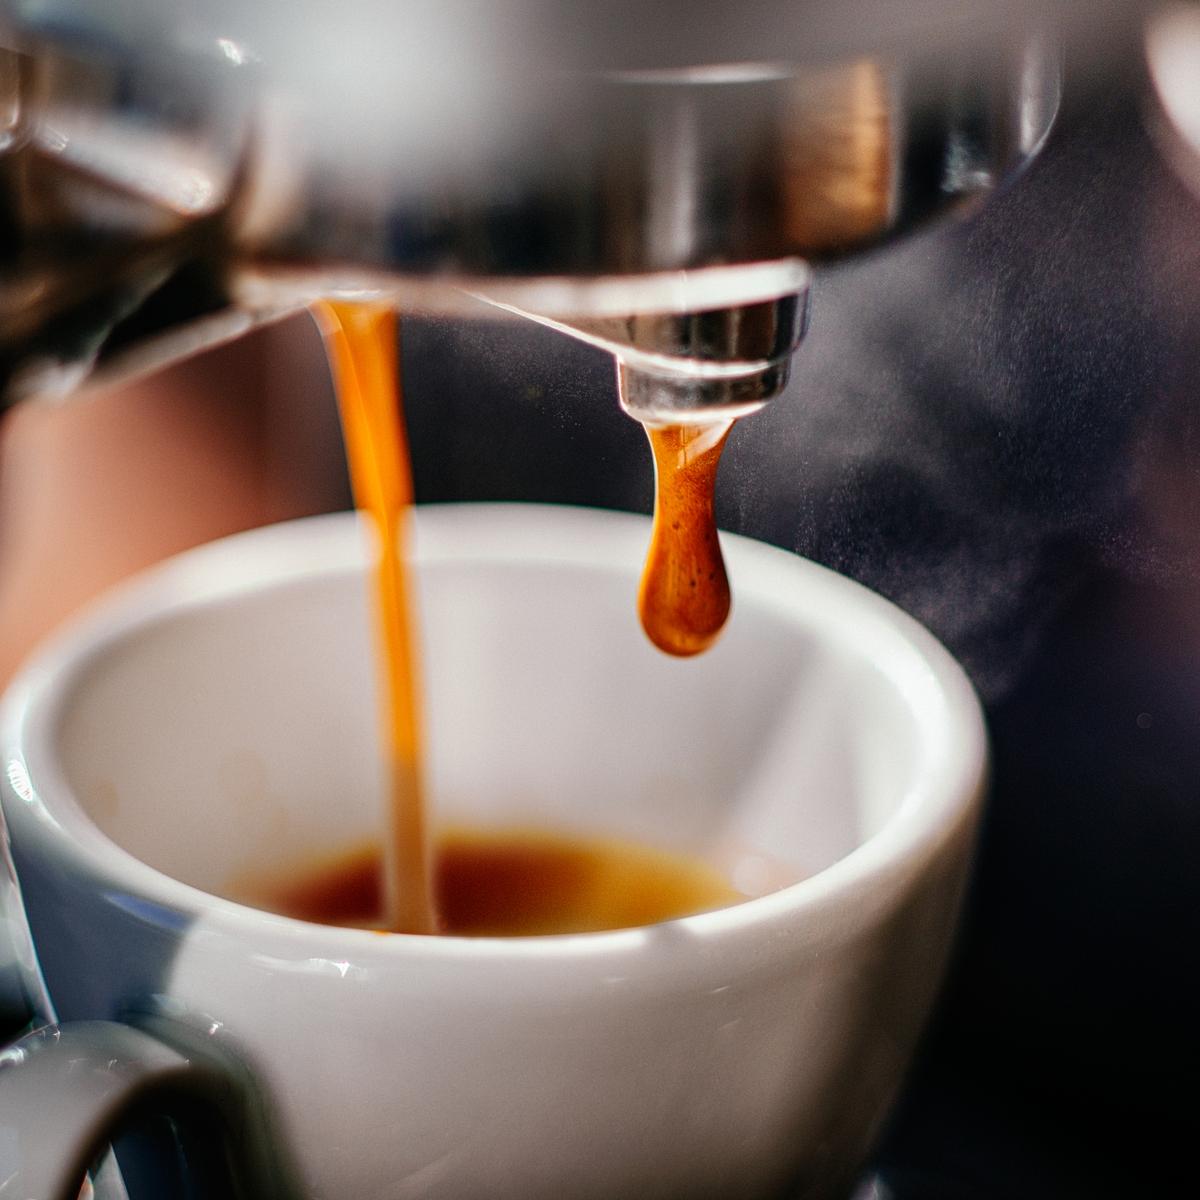 Эспрессо из кофемашины.